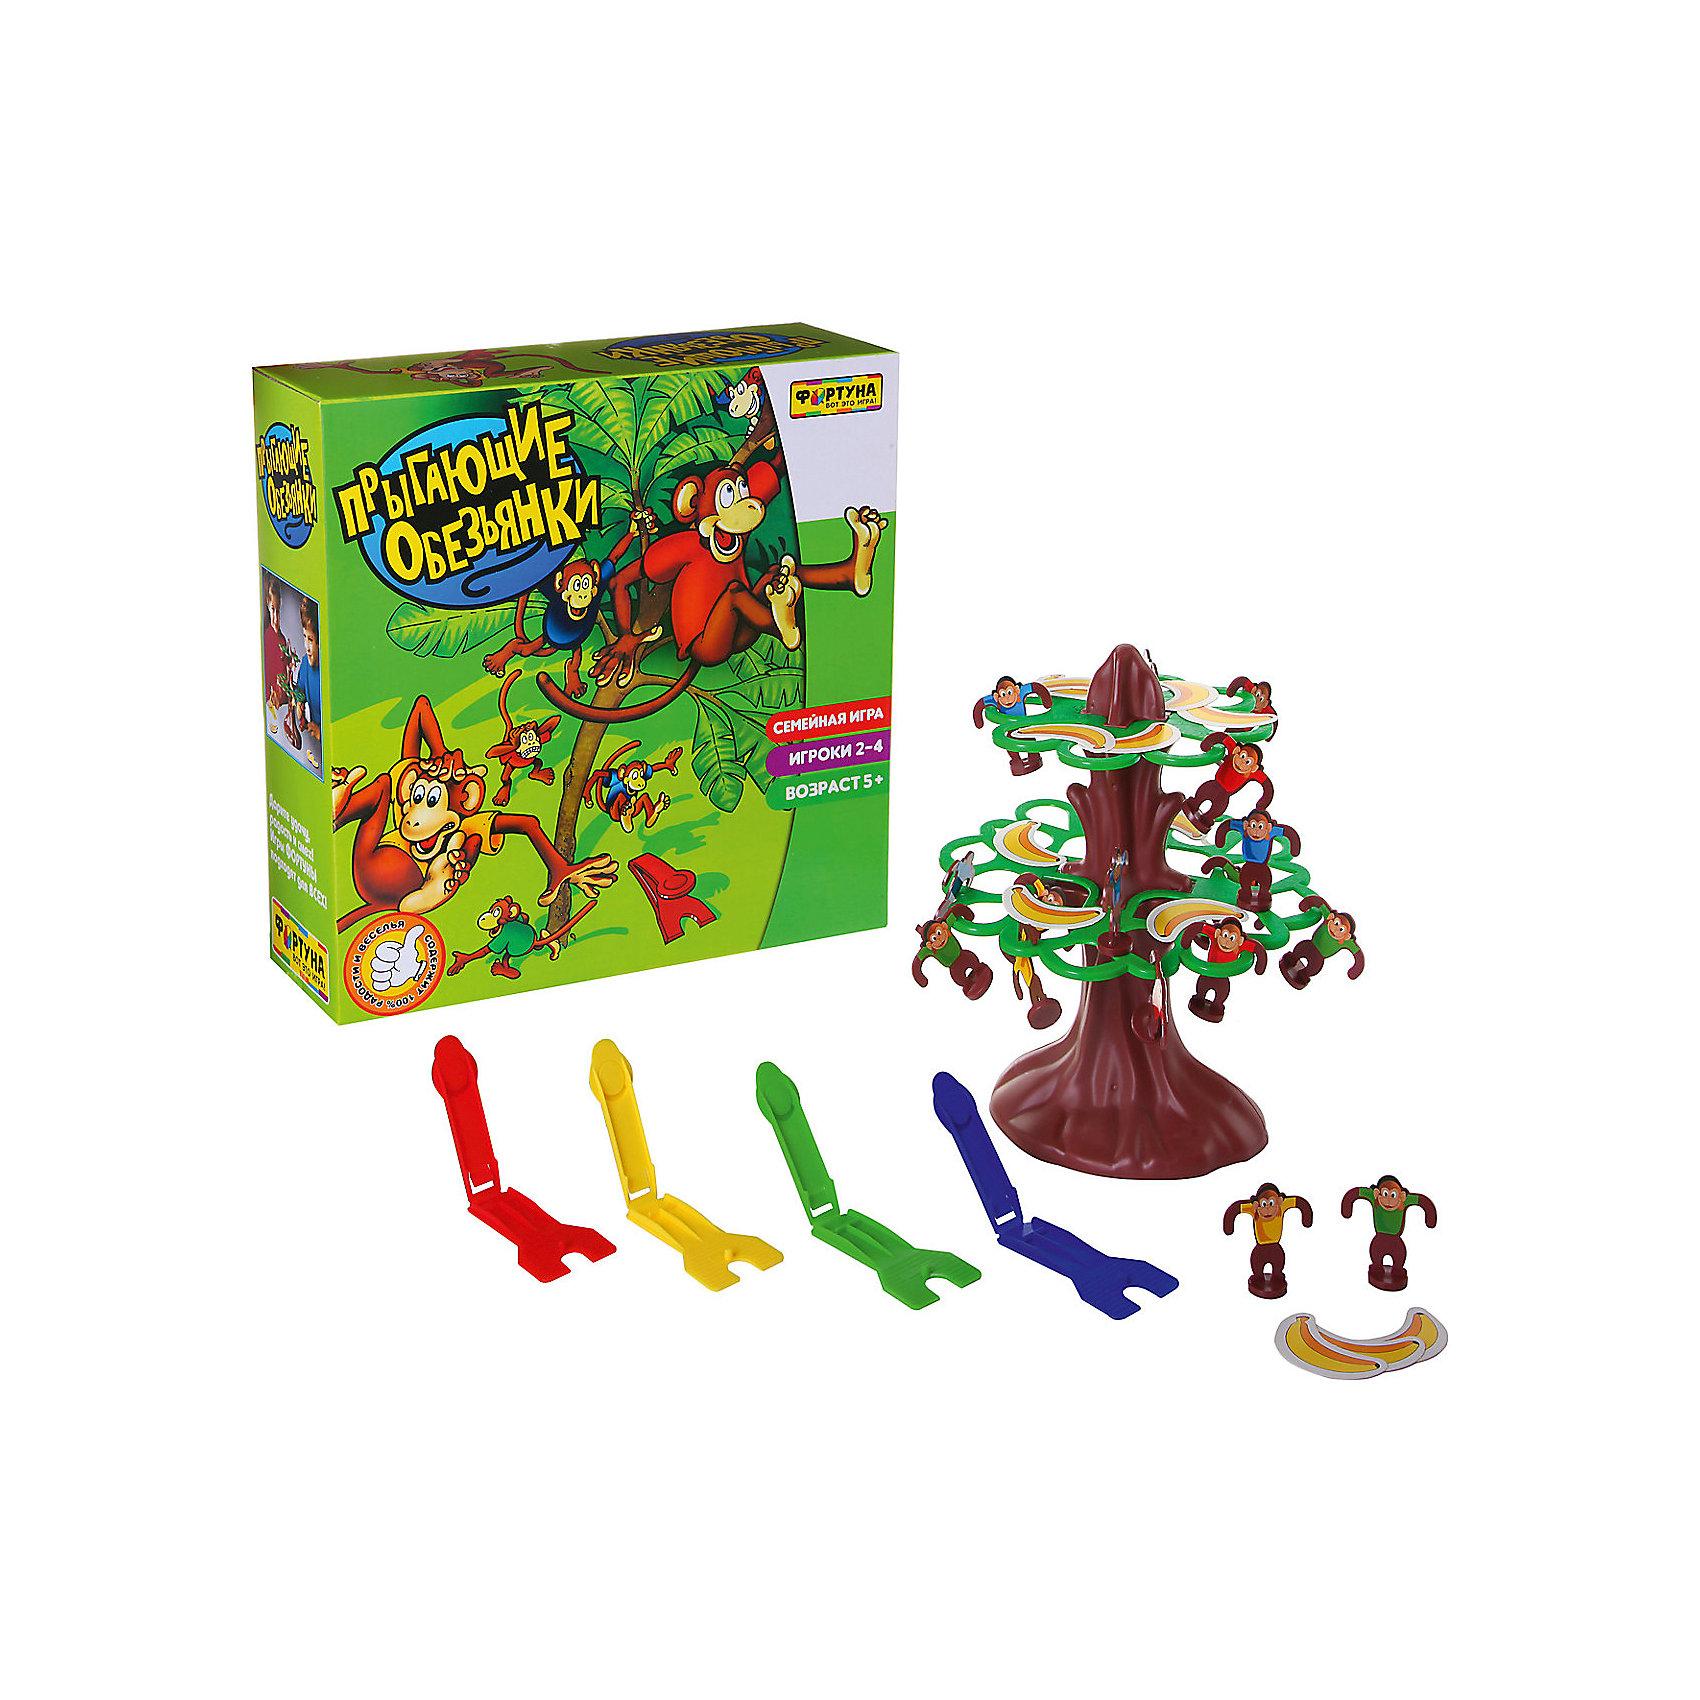 Настольная игра Прыгающие обезьянки, ФортунаНастольные игры<br>Характеристики:<br><br>• Вид игр: настольные игры<br>• Пол: универсальный<br>• Материал: пластик, картон<br>• Количество игроков: от 2 до 4 человек<br>• Размер (Д*Ш*В): 27*9*27 см<br>• Вес: 370 г<br>• Комплектация: дерево, 16 обезьянок, 16 бананов, 4 катапульты, инструкция<br><br>Настольная игра Прыгающие обезьянки, Фортуна от отечественного производителя, специализирующегося на данного вида играх, предназначена для веселого времяпрепровождения от двух до 4-х человек. Цель игры заключается в том, чтобы с помощью катапульты запустить на дерево как можно больше обезьянок из своей команды. Элементы игры выполнены из качественного и безопасного пластика, упакованы в картонную коробку. В комплекте имеется инструкция с правилами игры.<br><br>Настольные игры от Фортуны научат ребенка внимательности, усидчивости, позволят ему развивать, тактическое, стратегическое и логическое мышление. Игры с несколькими участниками позволяют в легкой форме осваивать социальные навыки взаимодействия и выстраивать коммуникацию с другими участниками игры. Настольная игра Прыгающие обезьянки, Фортуна может стать прекрасным вариантом в качестве подарка к празднику для любого ребенка! <br><br>Настольную игру Прыгающие обезьянки, Фортуна можно купить в нашем интернет-магазине.<br><br>Ширина мм: 265<br>Глубина мм: 85<br>Высота мм: 265<br>Вес г: 521<br>Возраст от месяцев: 60<br>Возраст до месяцев: 2147483647<br>Пол: Унисекс<br>Возраст: Детский<br>SKU: 5121942